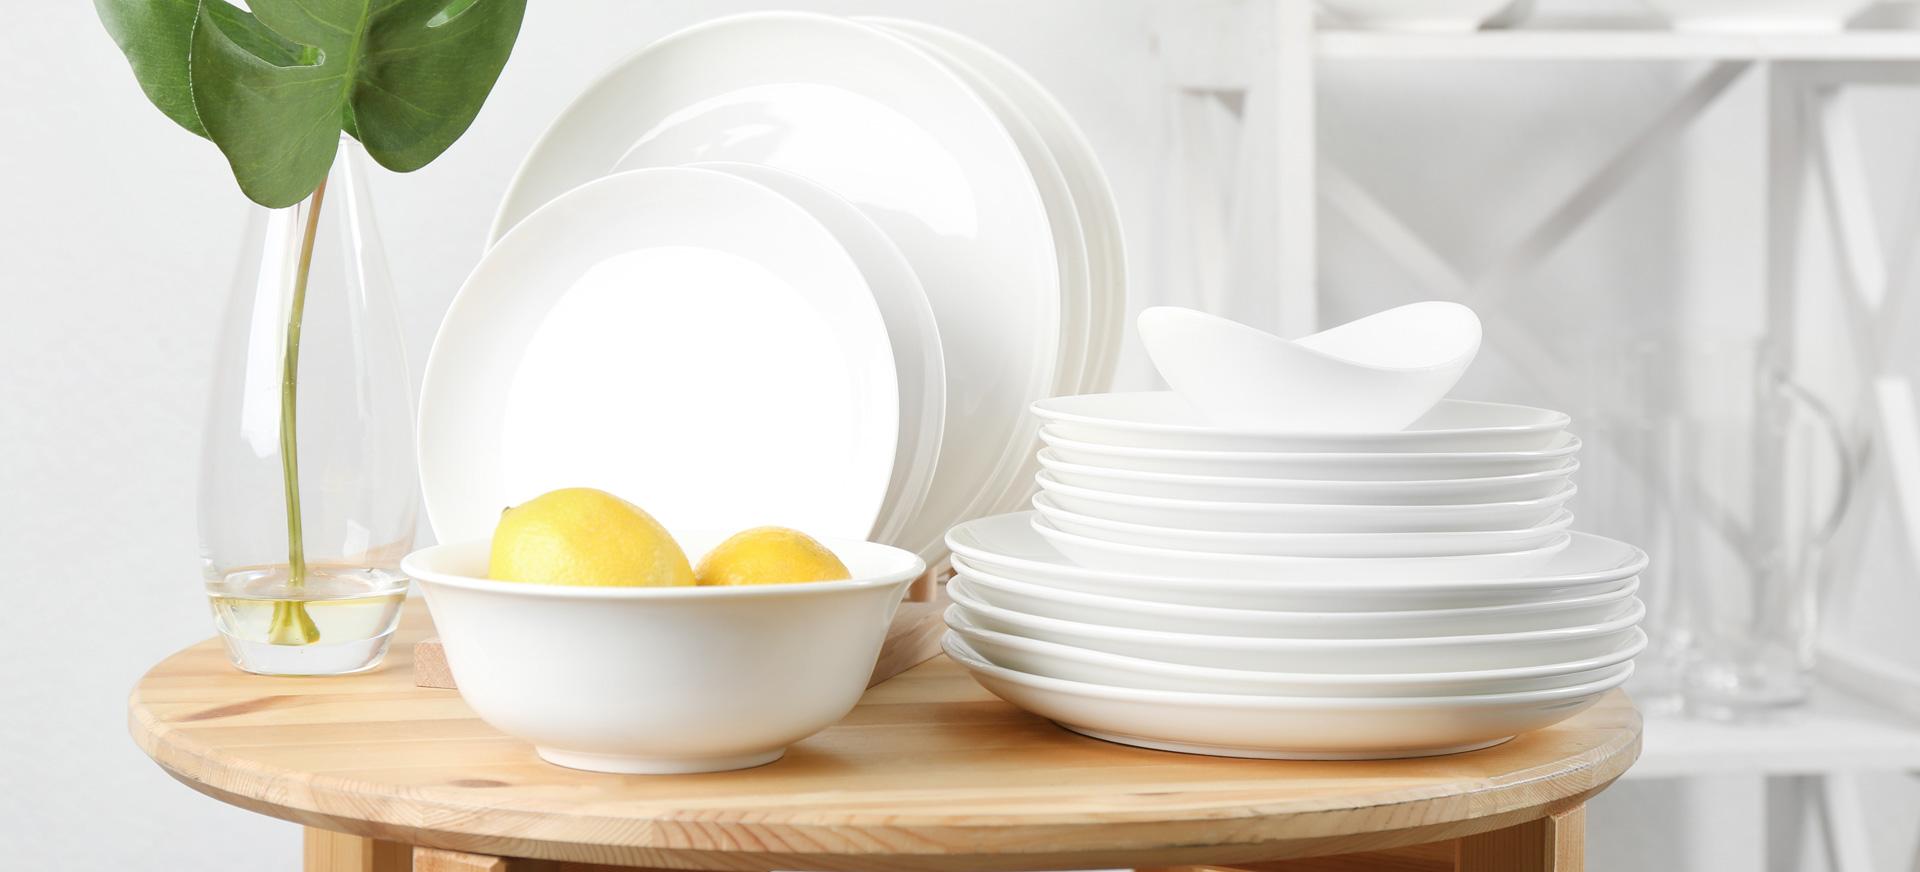 Πιάτα: Σετ Πιάτα & Σερβίτσια Πιάτων